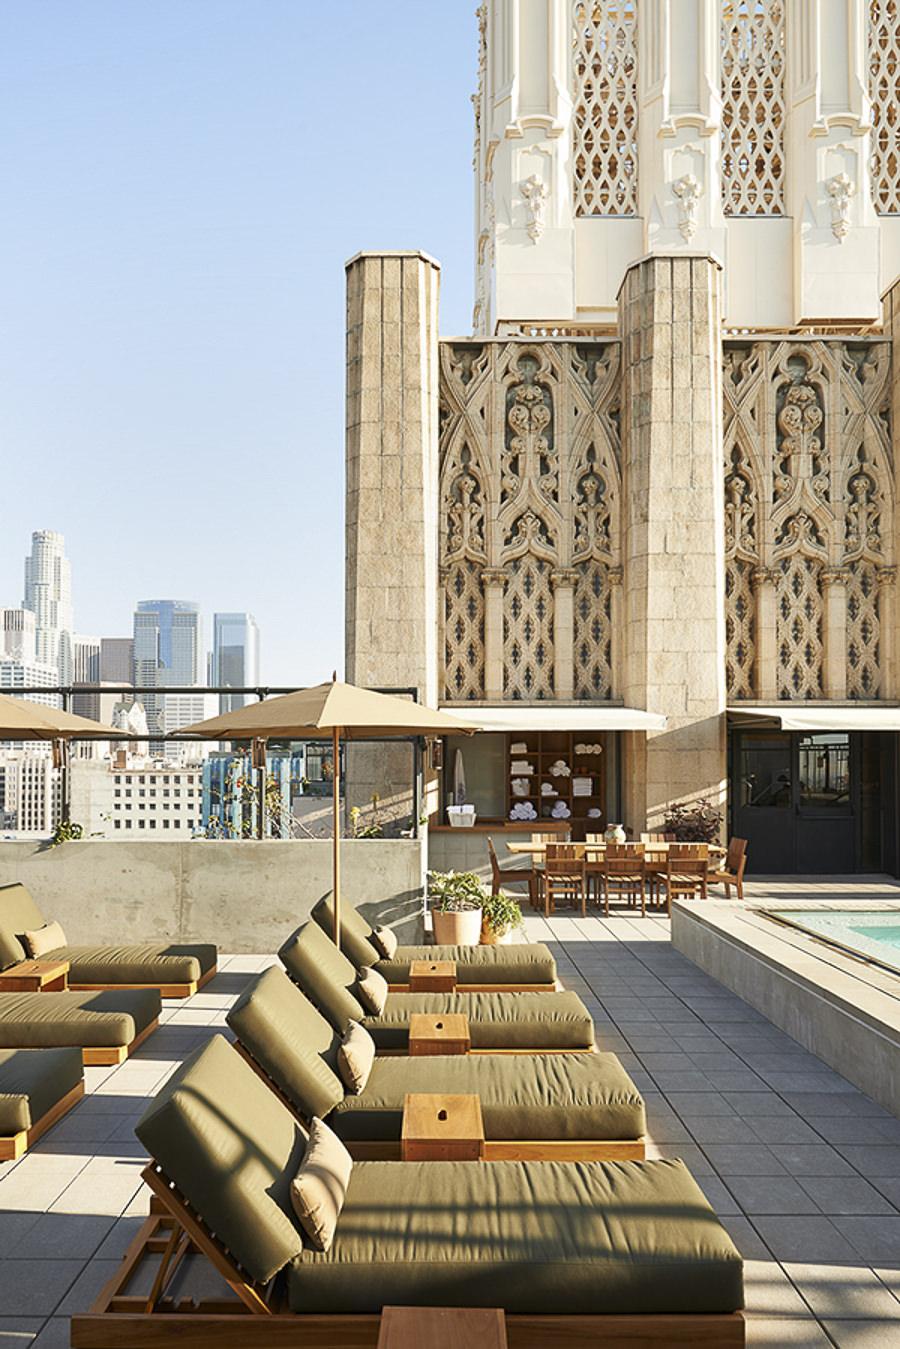 Ace Hotel Downtown LA by Commune Design